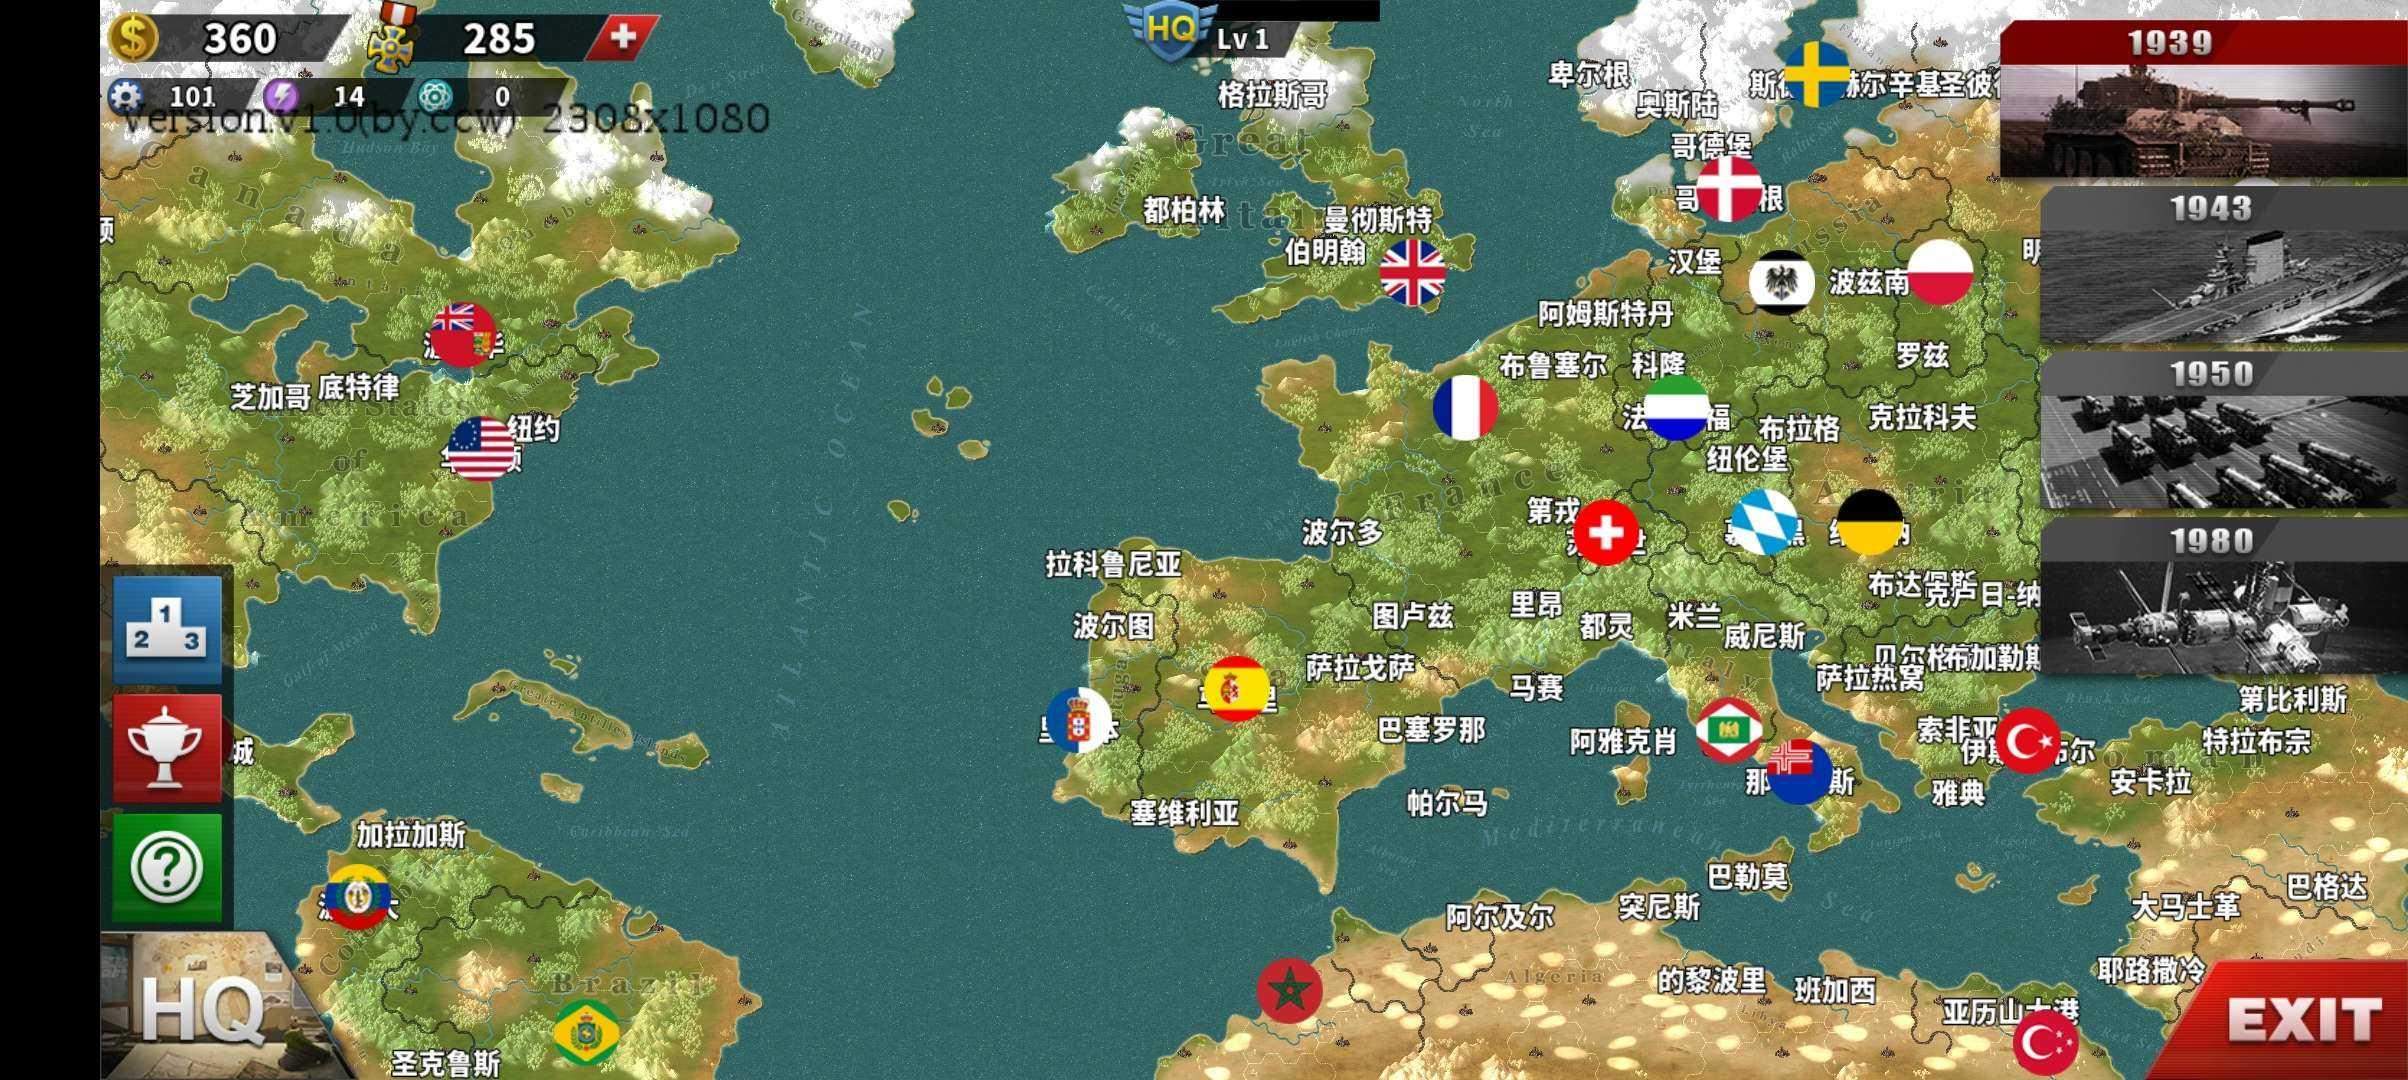 世界征服者4拿破仑战争mod(1)